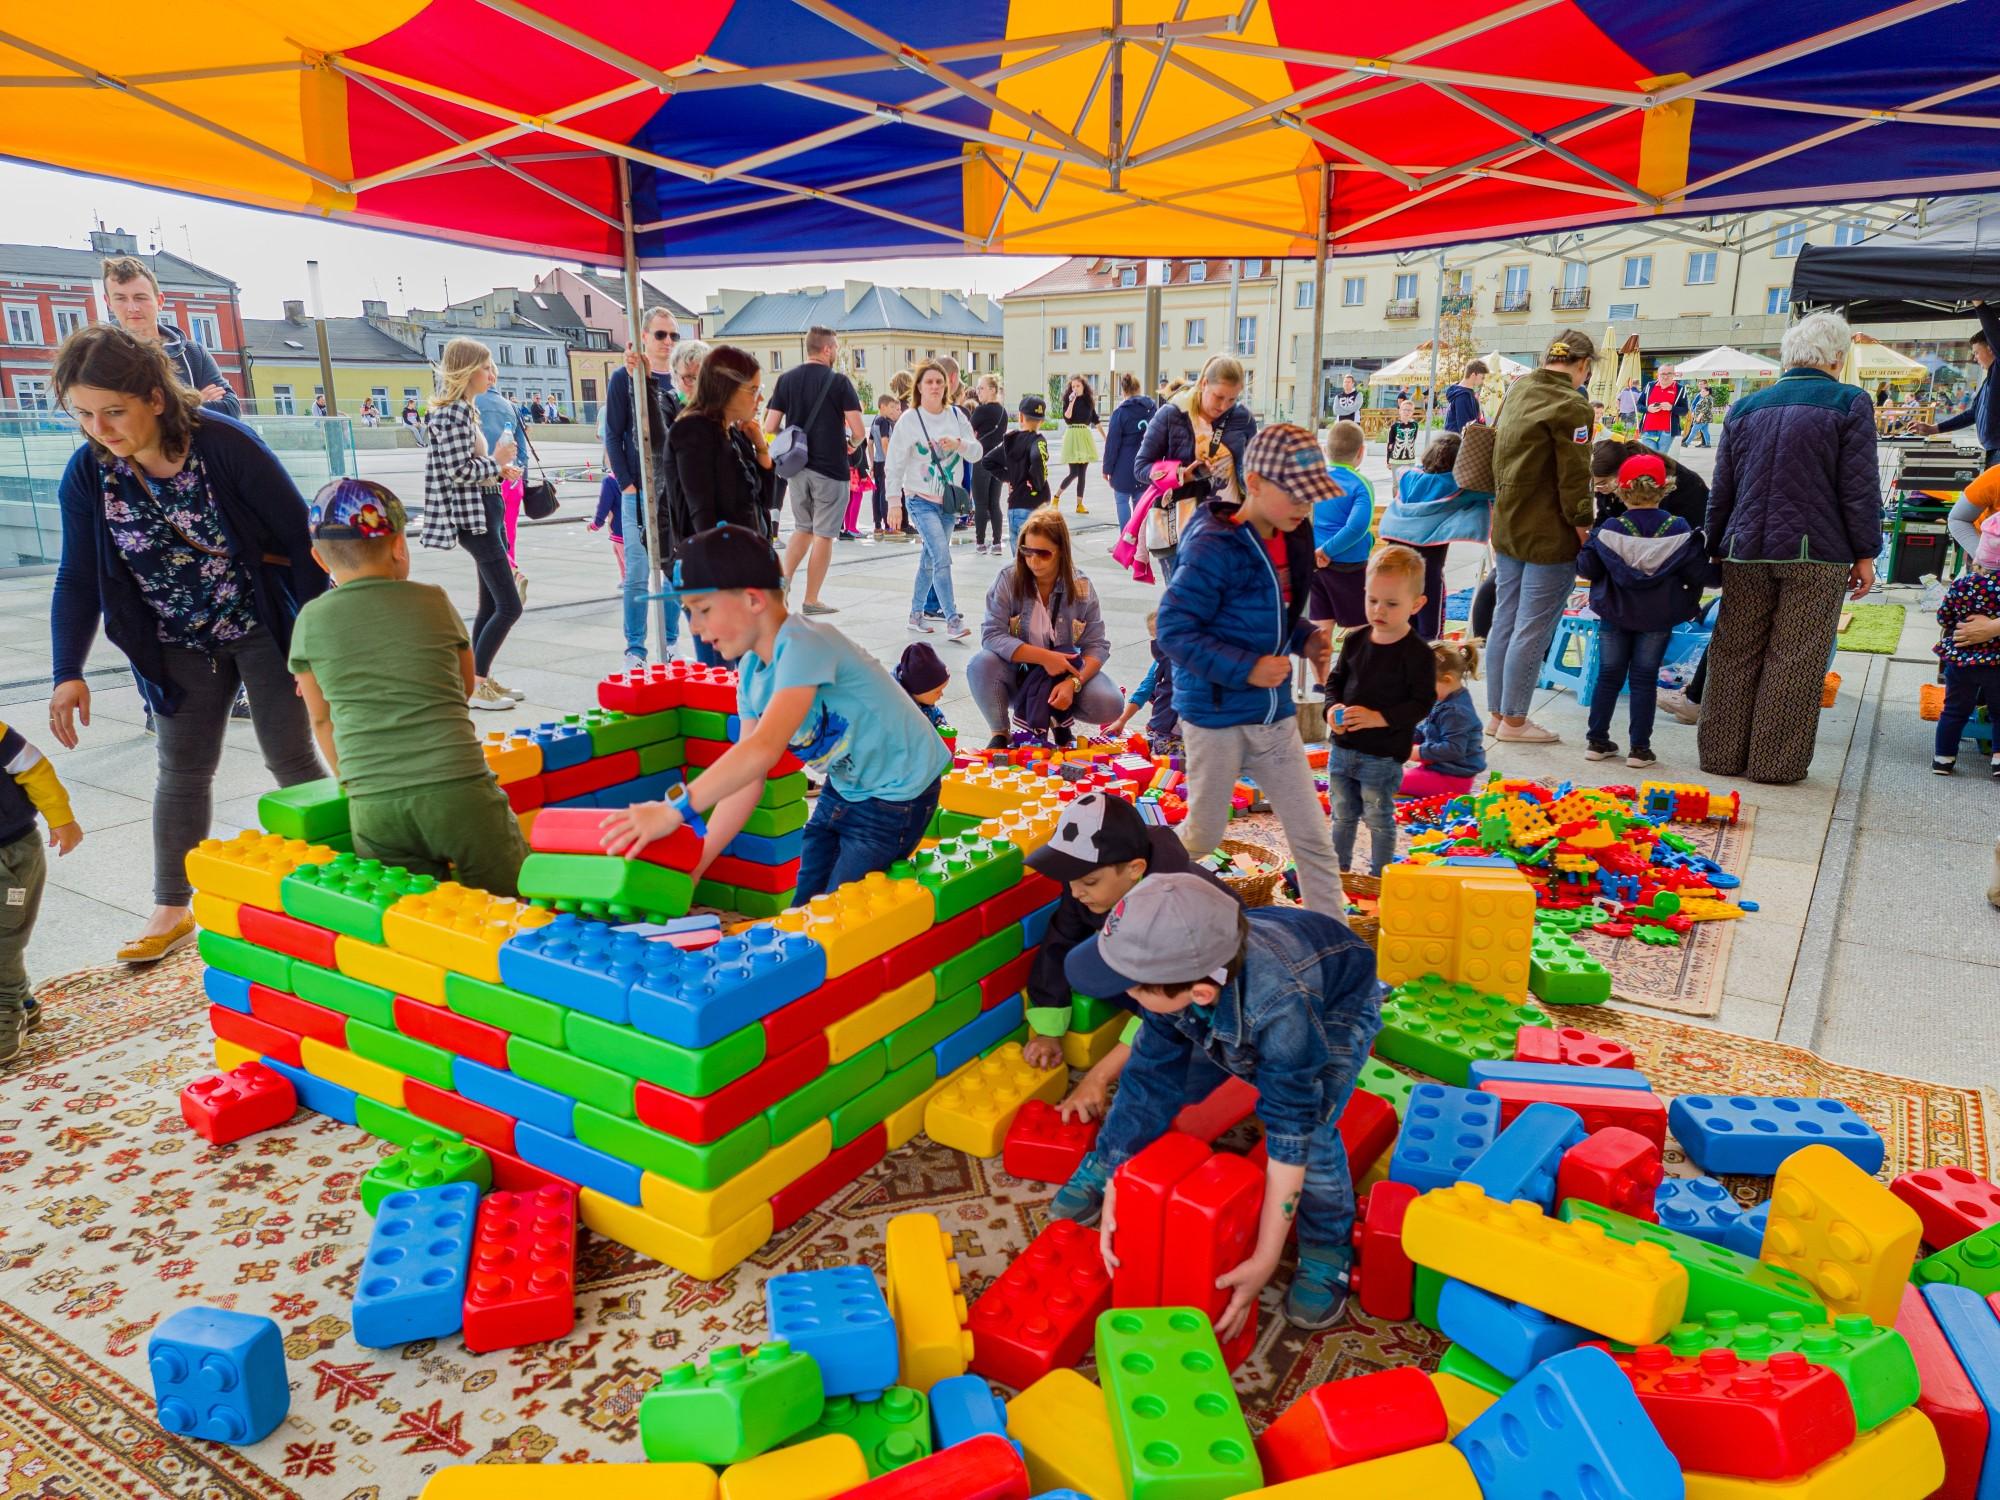 Kultura na Wolności: Zabawa dla dużych i małych na placu Wolności [ZDJĘCIA] - Zdjęcie główne